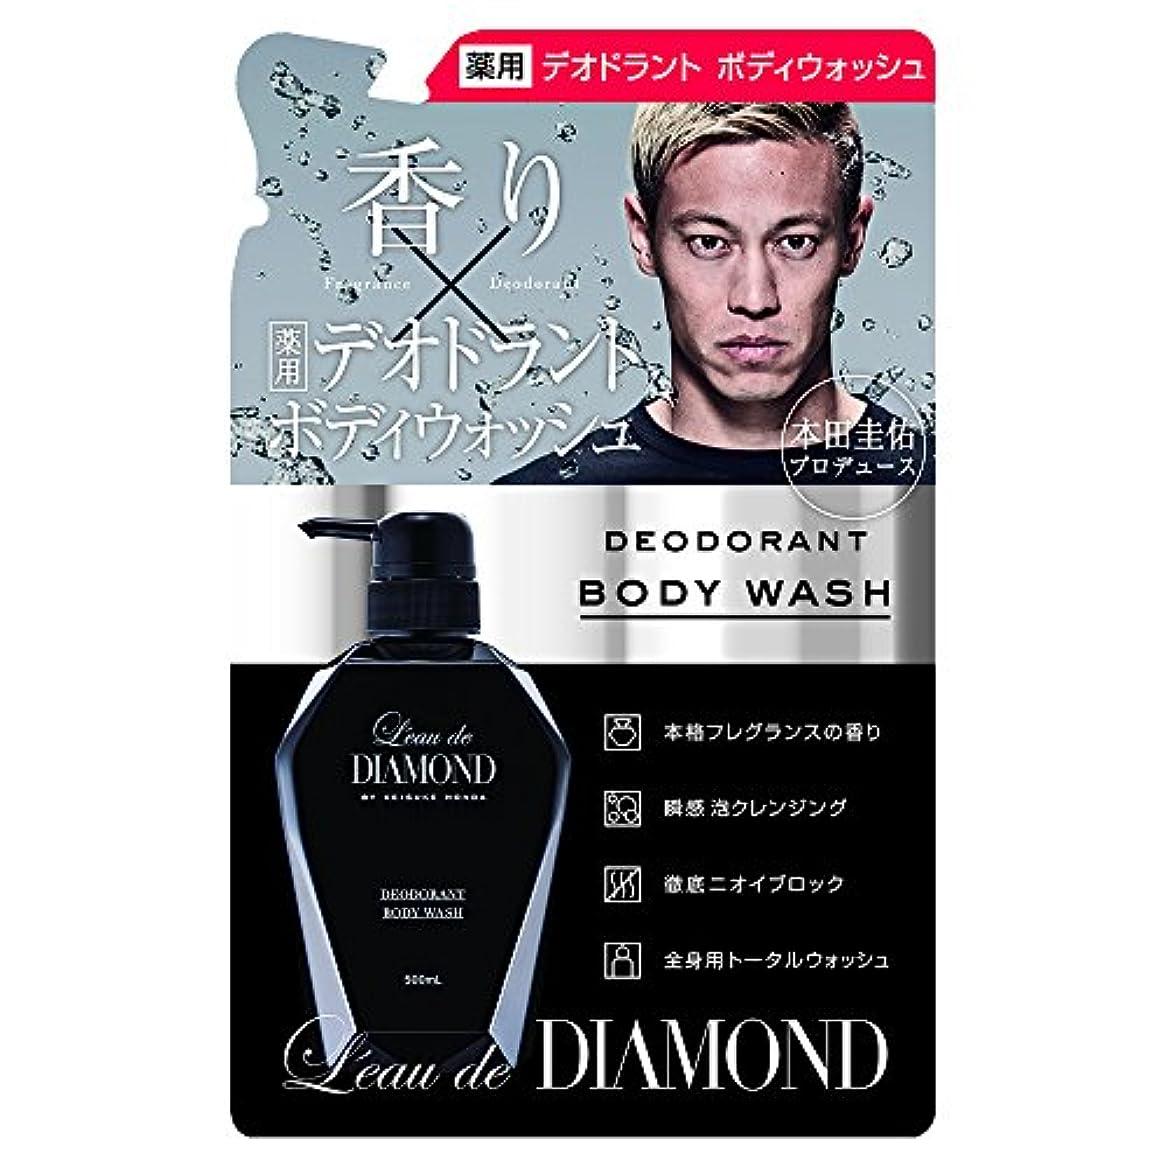 出血呼ぶ華氏ロードダイアモンド 薬用デオドラントボディウォッシュ レフィル 430ml